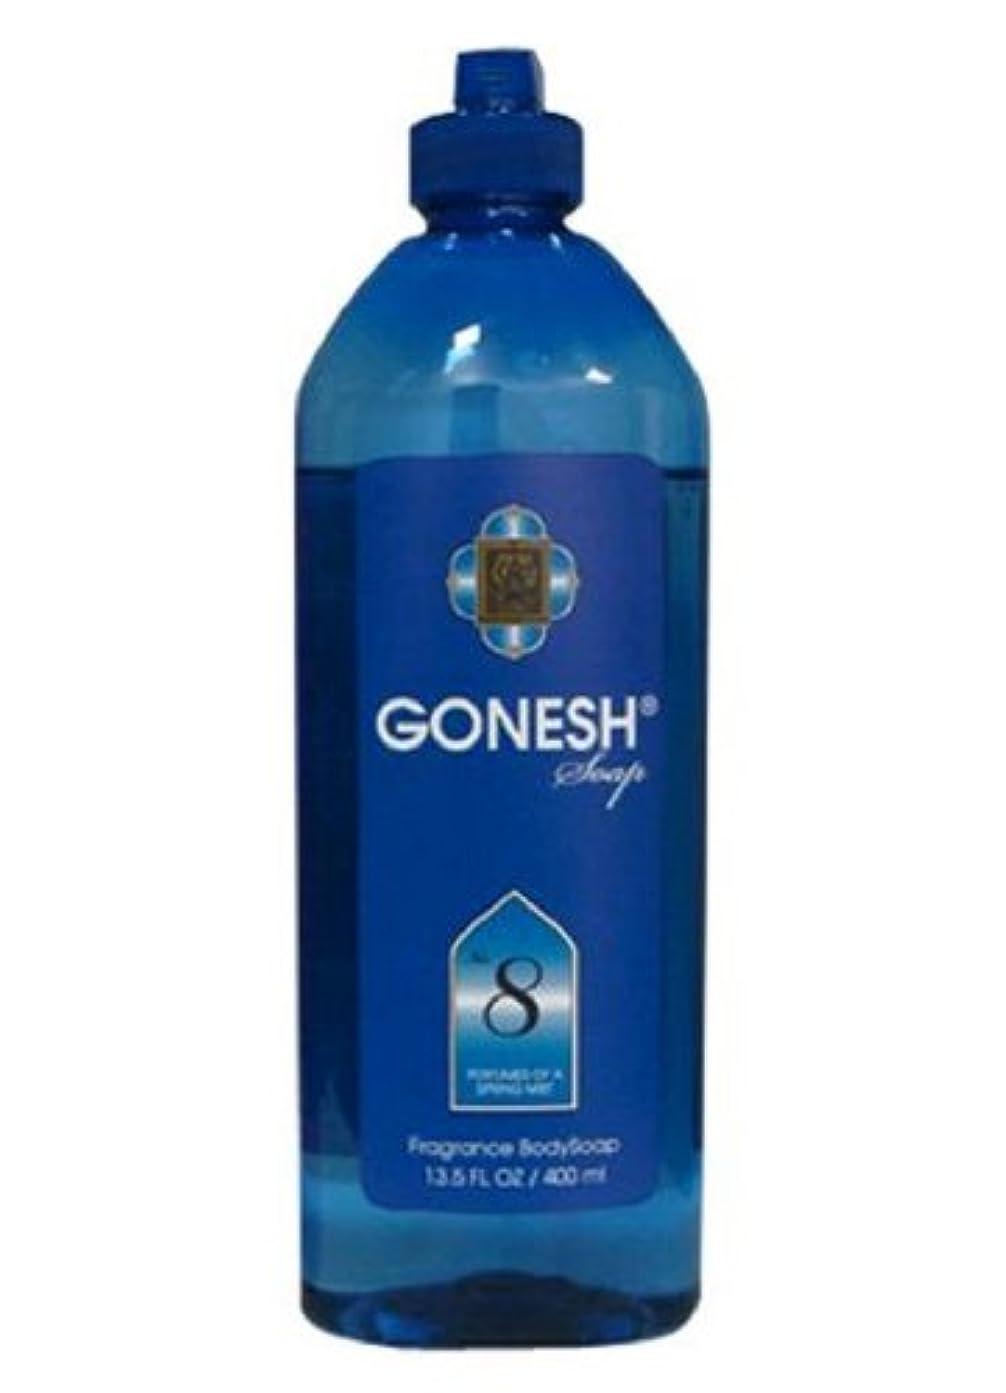 回答ナース麻痺GONESH Body Soap NO.8 400ml